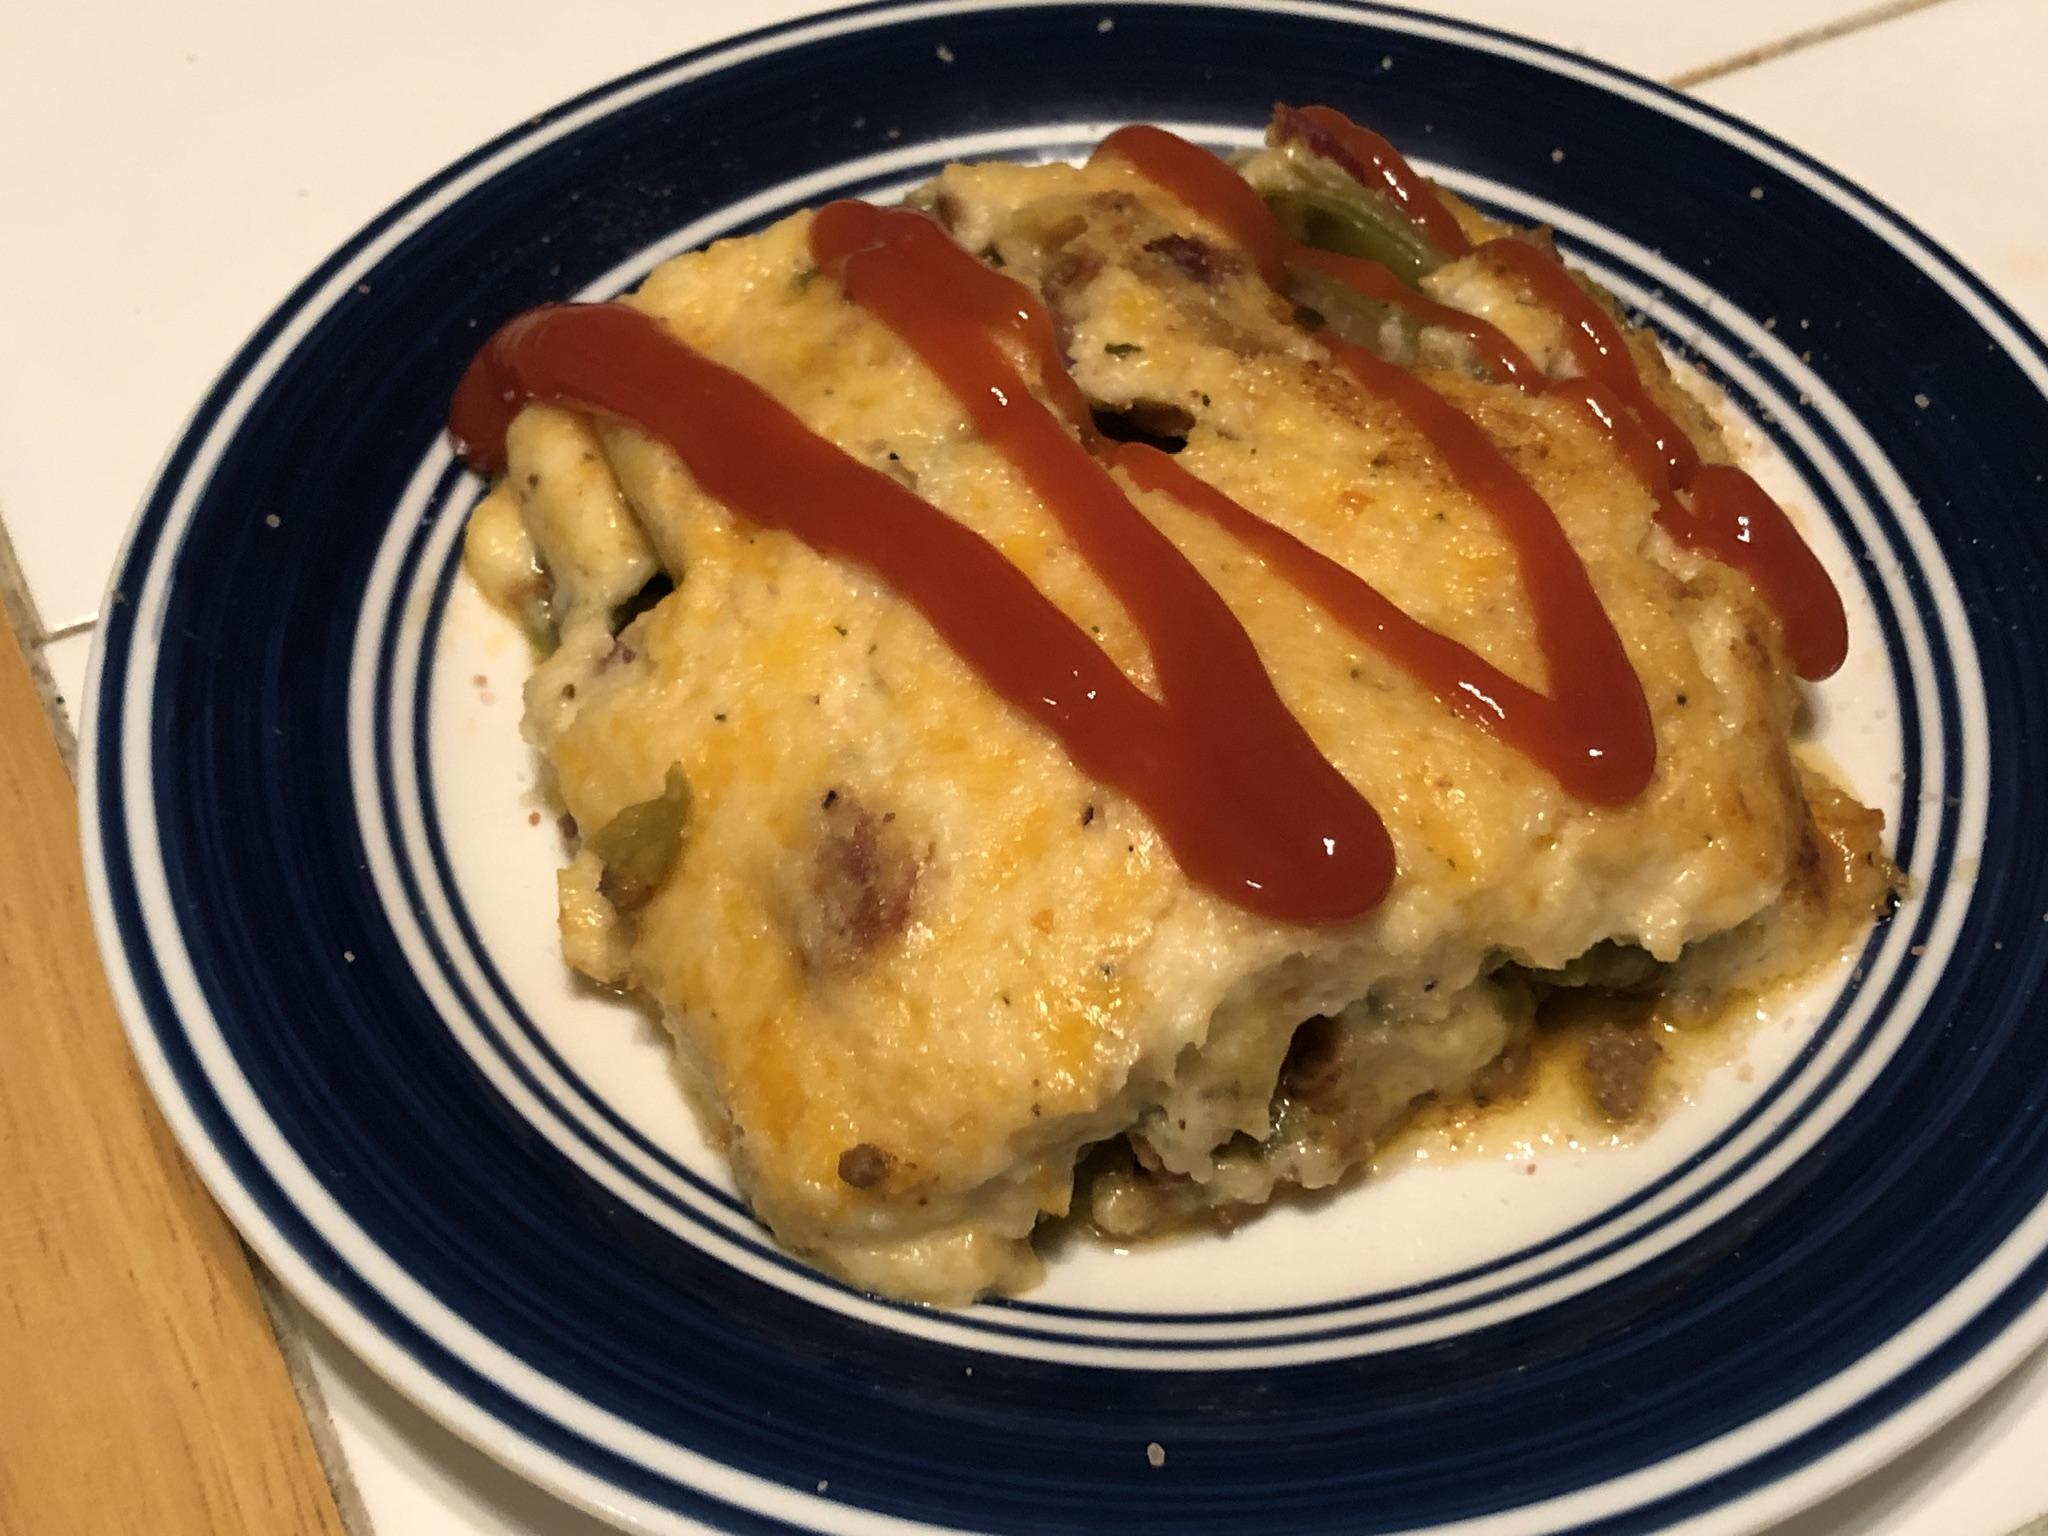 Delicious Keto Shepherds Pie